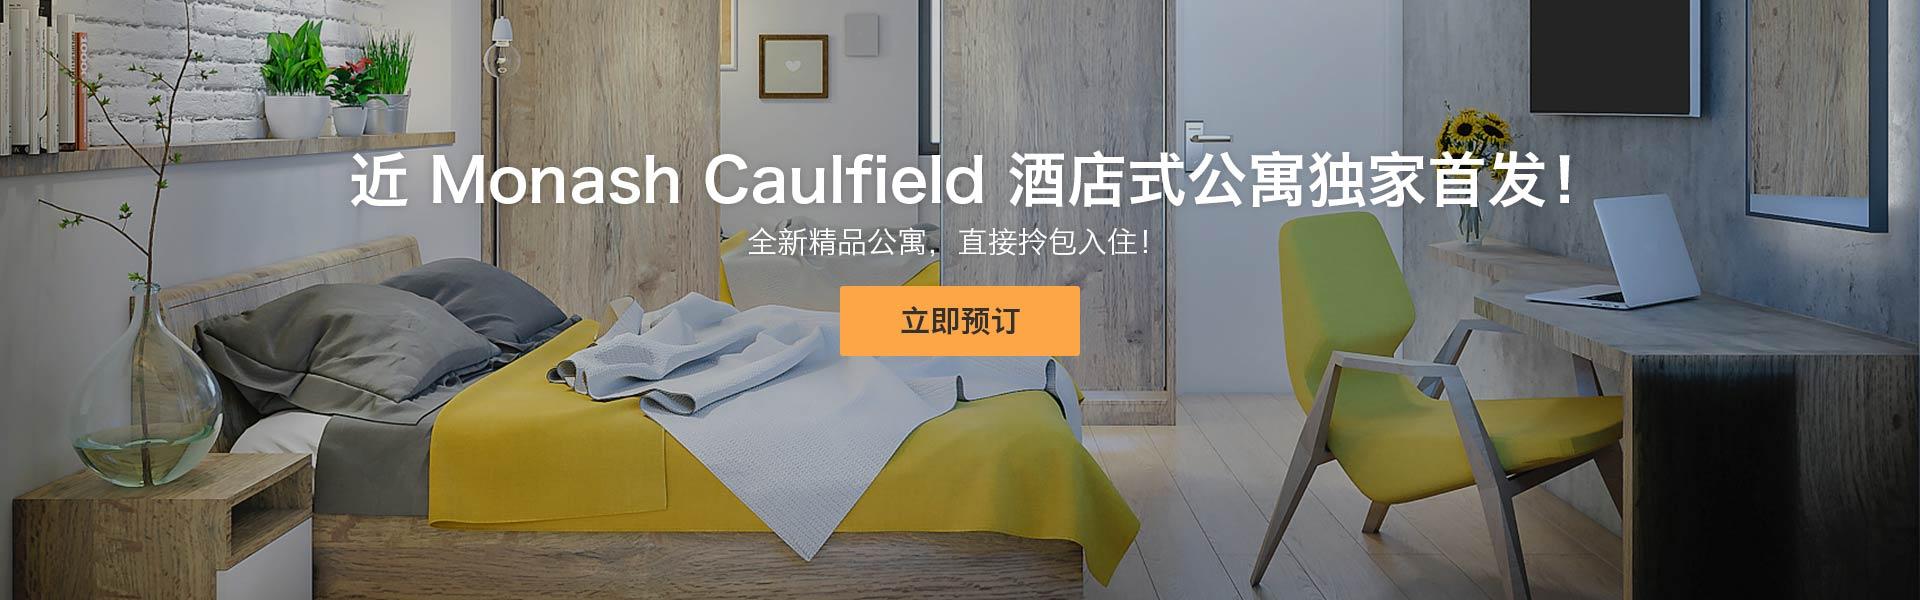 近 monash Caulfield 酒店式公寓独家首发!